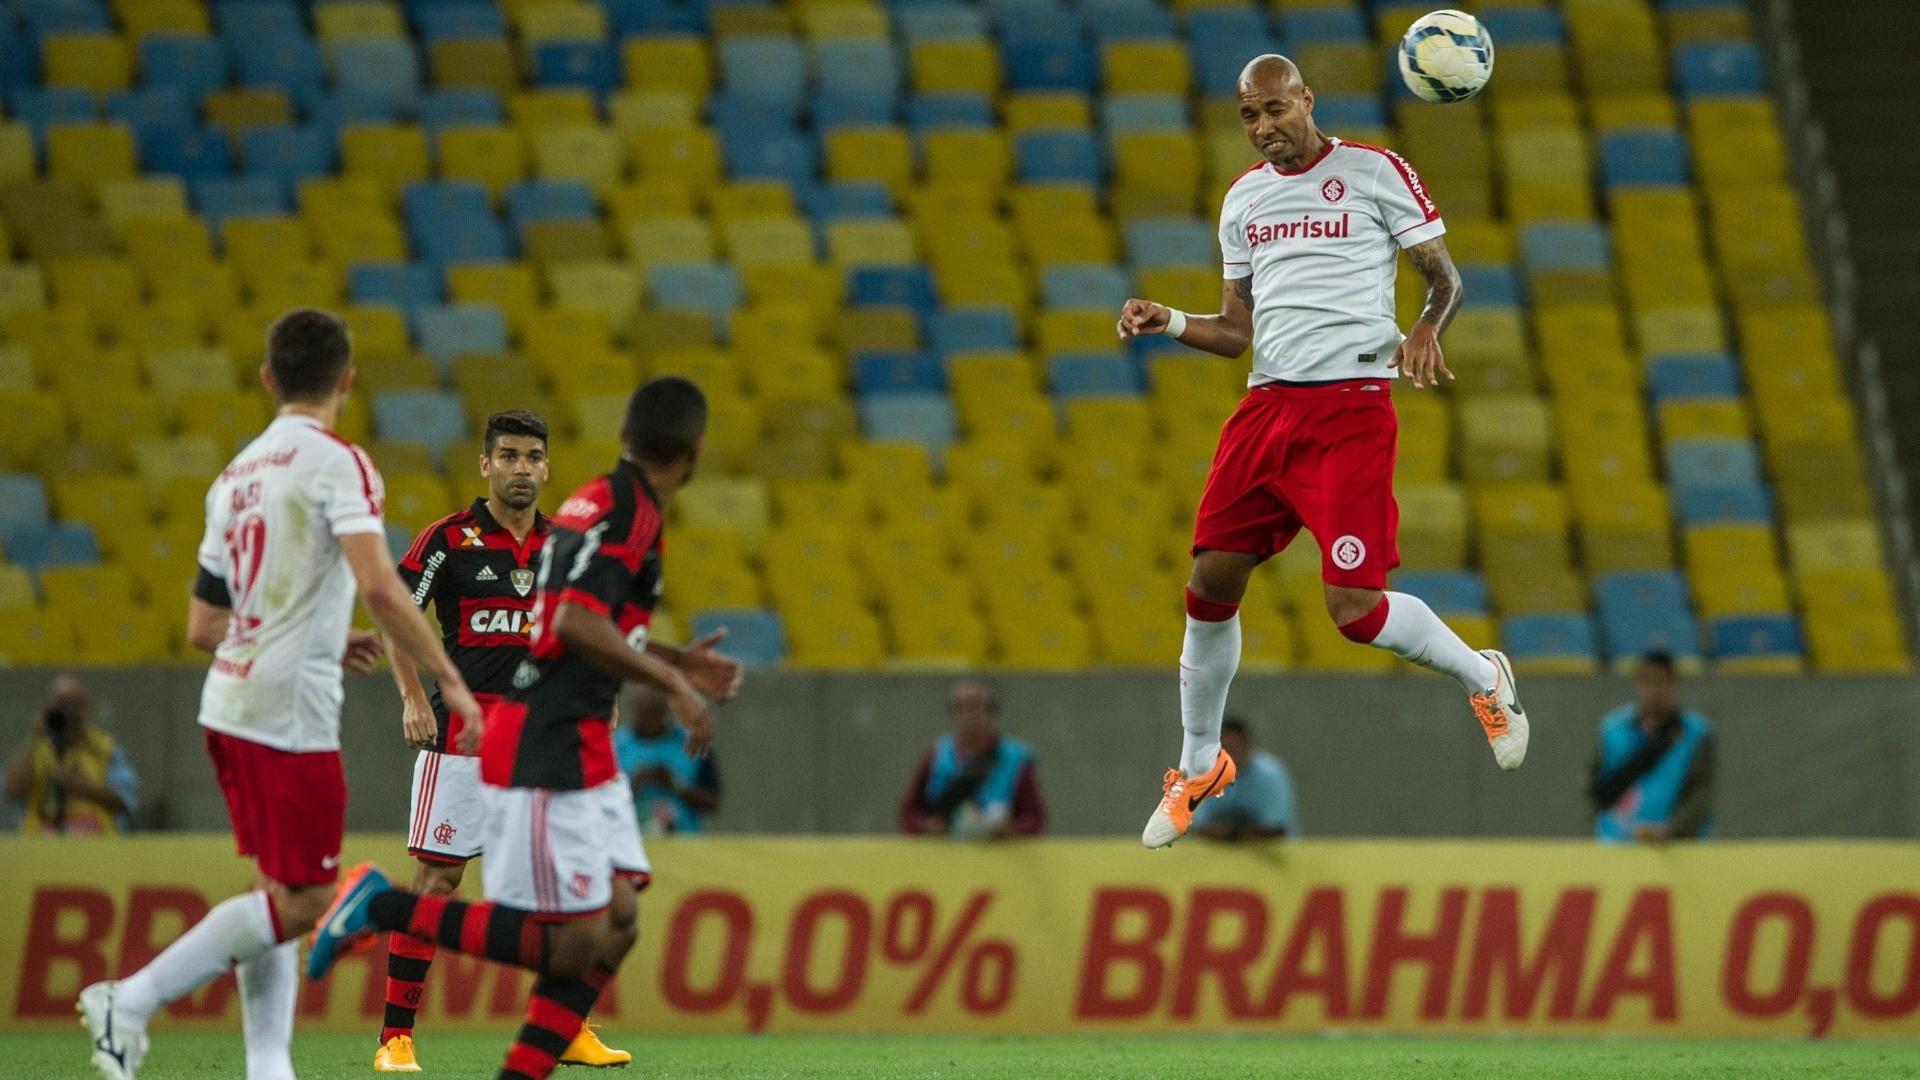 Alan Costa, substituto do suspenso Paulão, salta para fazer o corte em jogo Flamengo e Inter